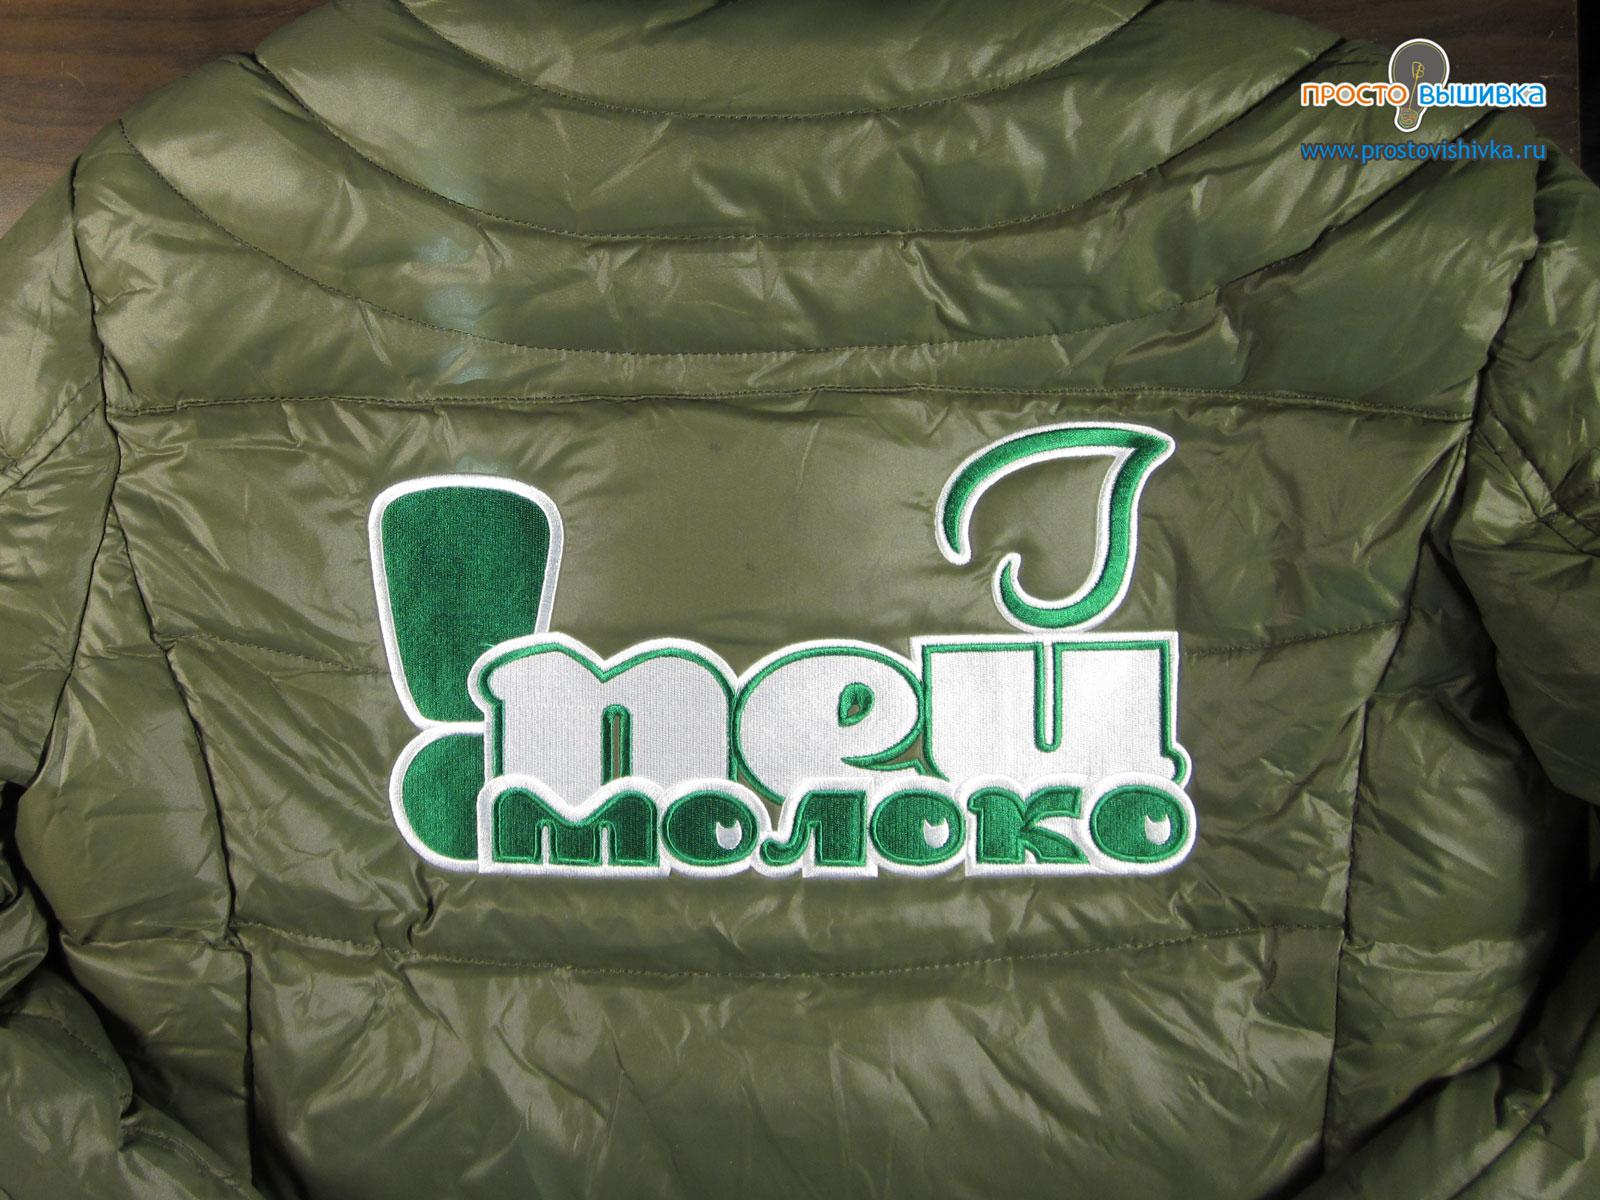 Машинная вышивка на куртку